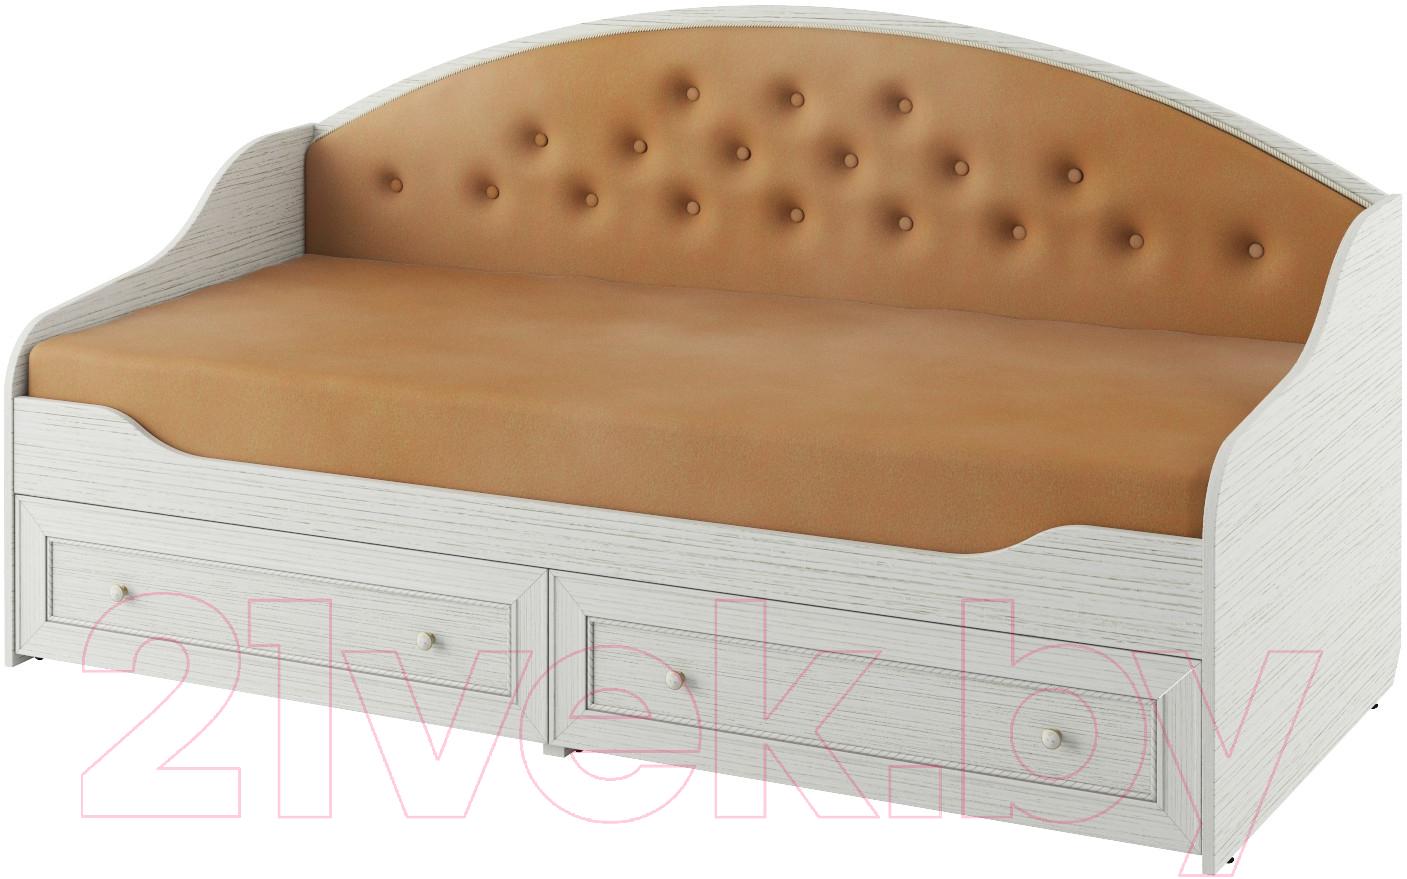 Купить Односпальная кровать Softform, Стрекоза (гасиенда/вельвет лайт 6), Беларусь